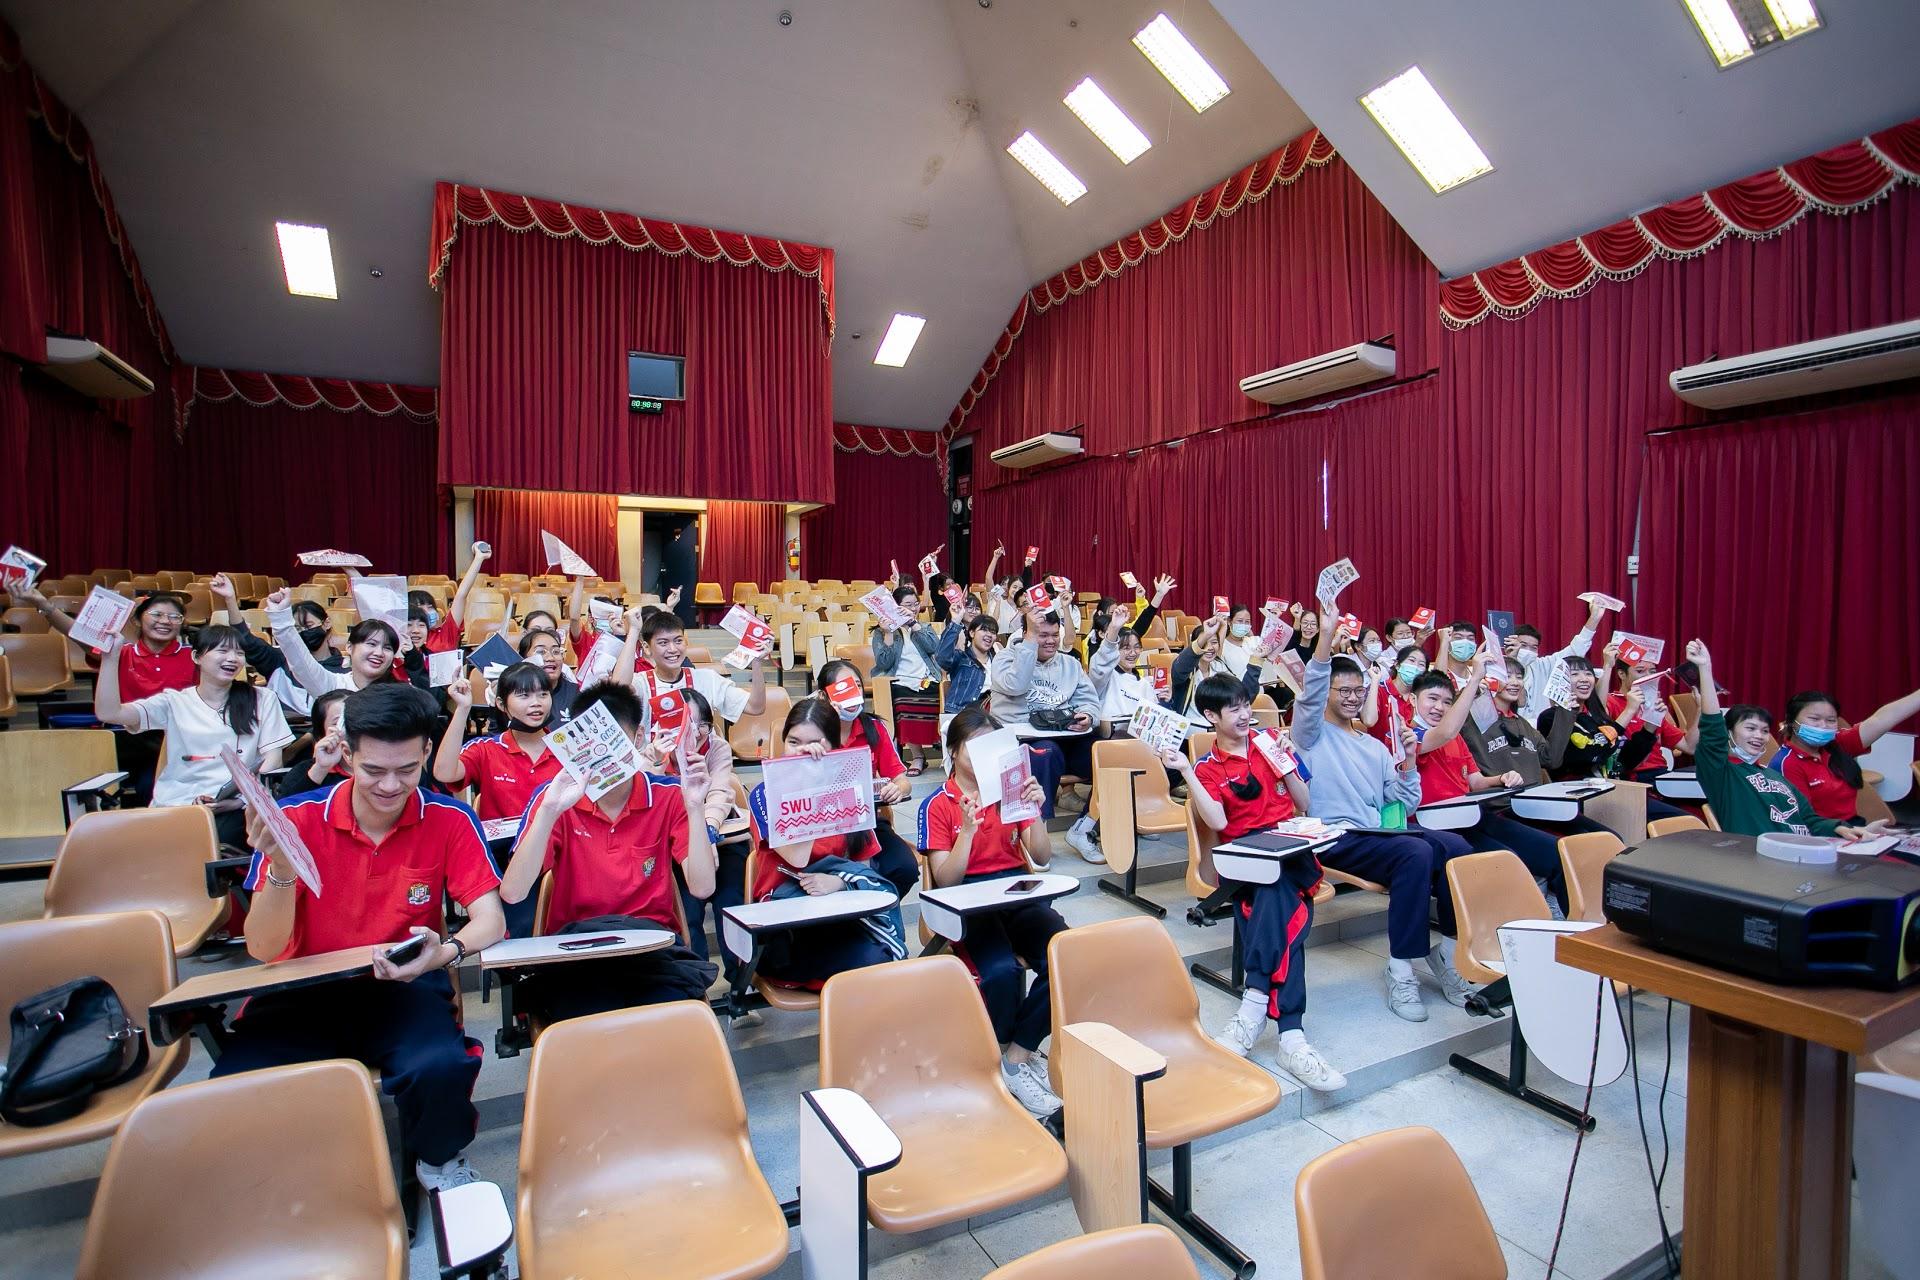 โครงการประชาสัมพันธ์ส่งเสริมภาพลักษณ์มหาวิทยาลัยเชิงรุก เส้นทางที่ 2 โรงเรียนมงฟอร์ตวิทยาลัย